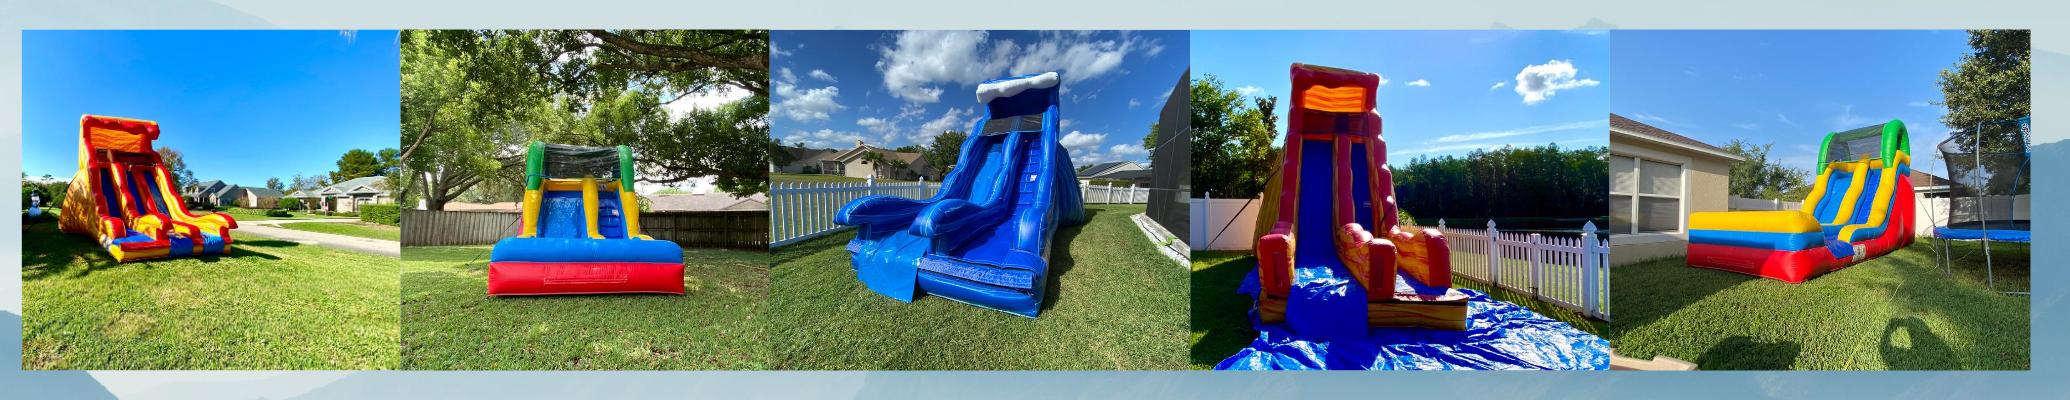 Different Inflatable Slide Set Ups